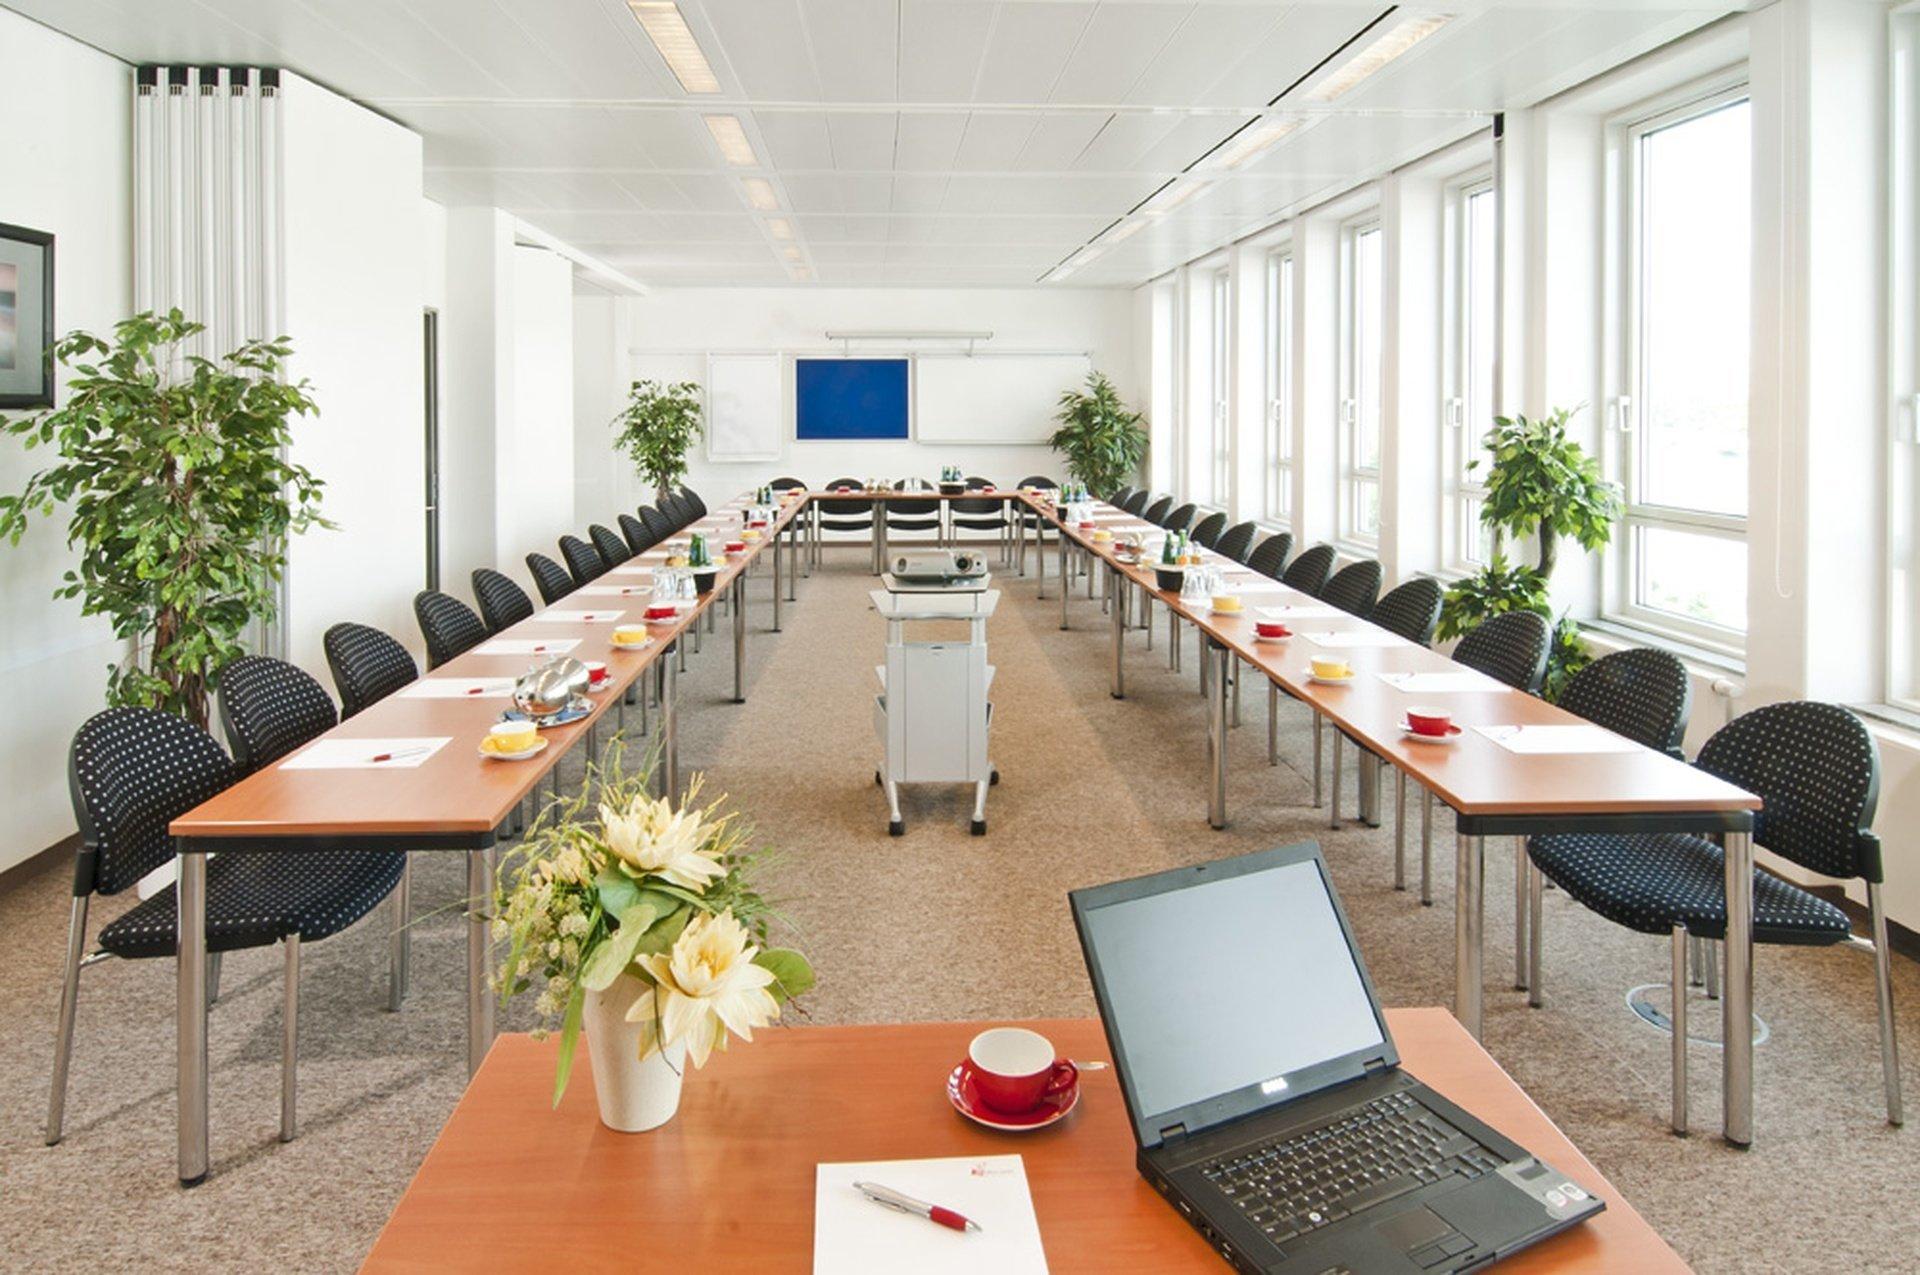 München seminar rooms Meetingraum ecos office center münchen - Konferenzräume 4+5 image 0